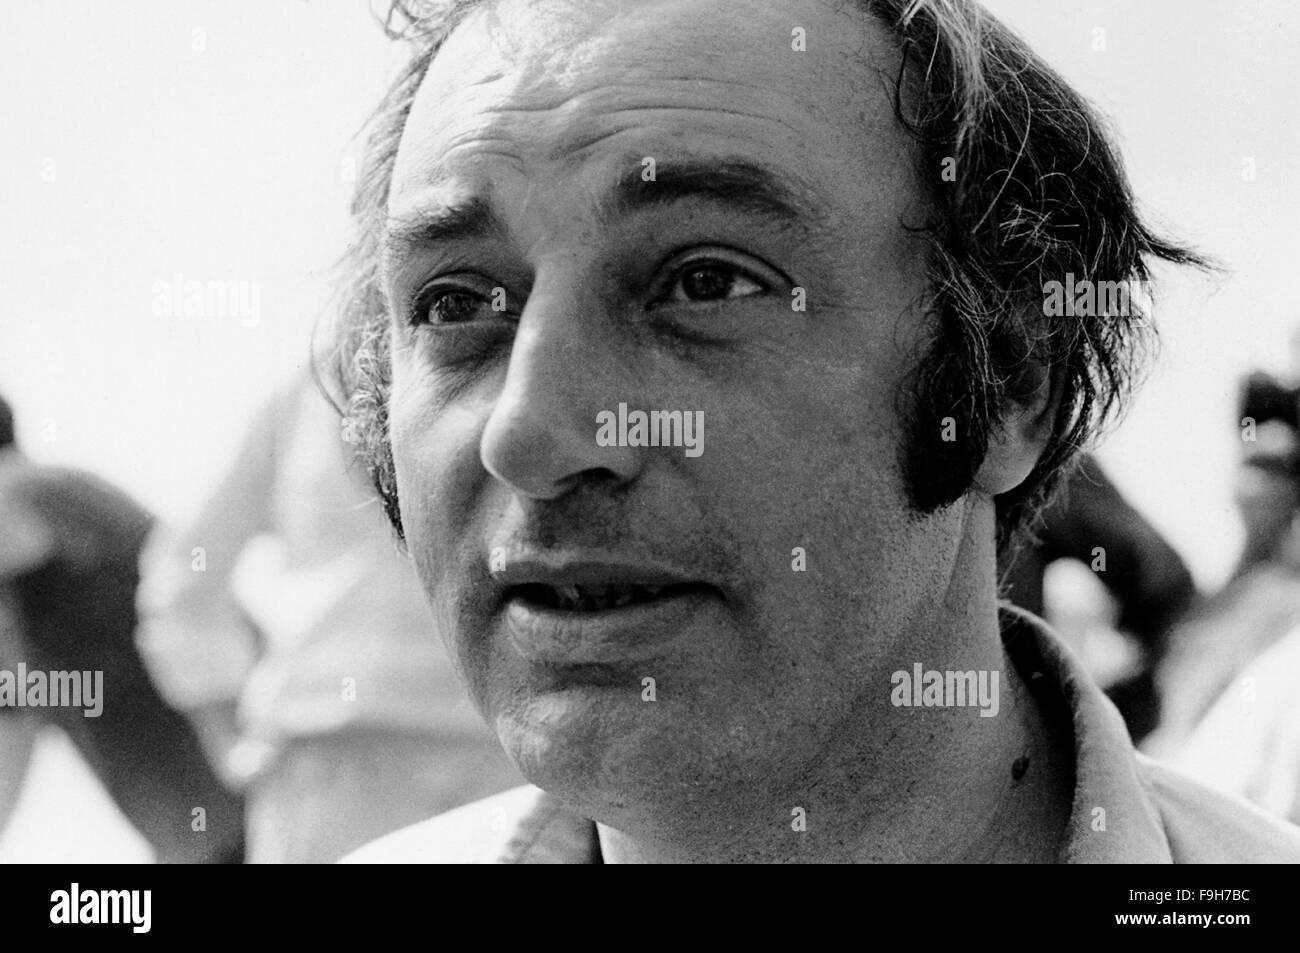 AJAXNETPHOTO. 1973. PORTSMOUTH, ENGLAND. - WHITBREAD RACE 1973/1974 - START 1973 - BURTON CUTTER SKIPPER : LESLIE - Stock Image